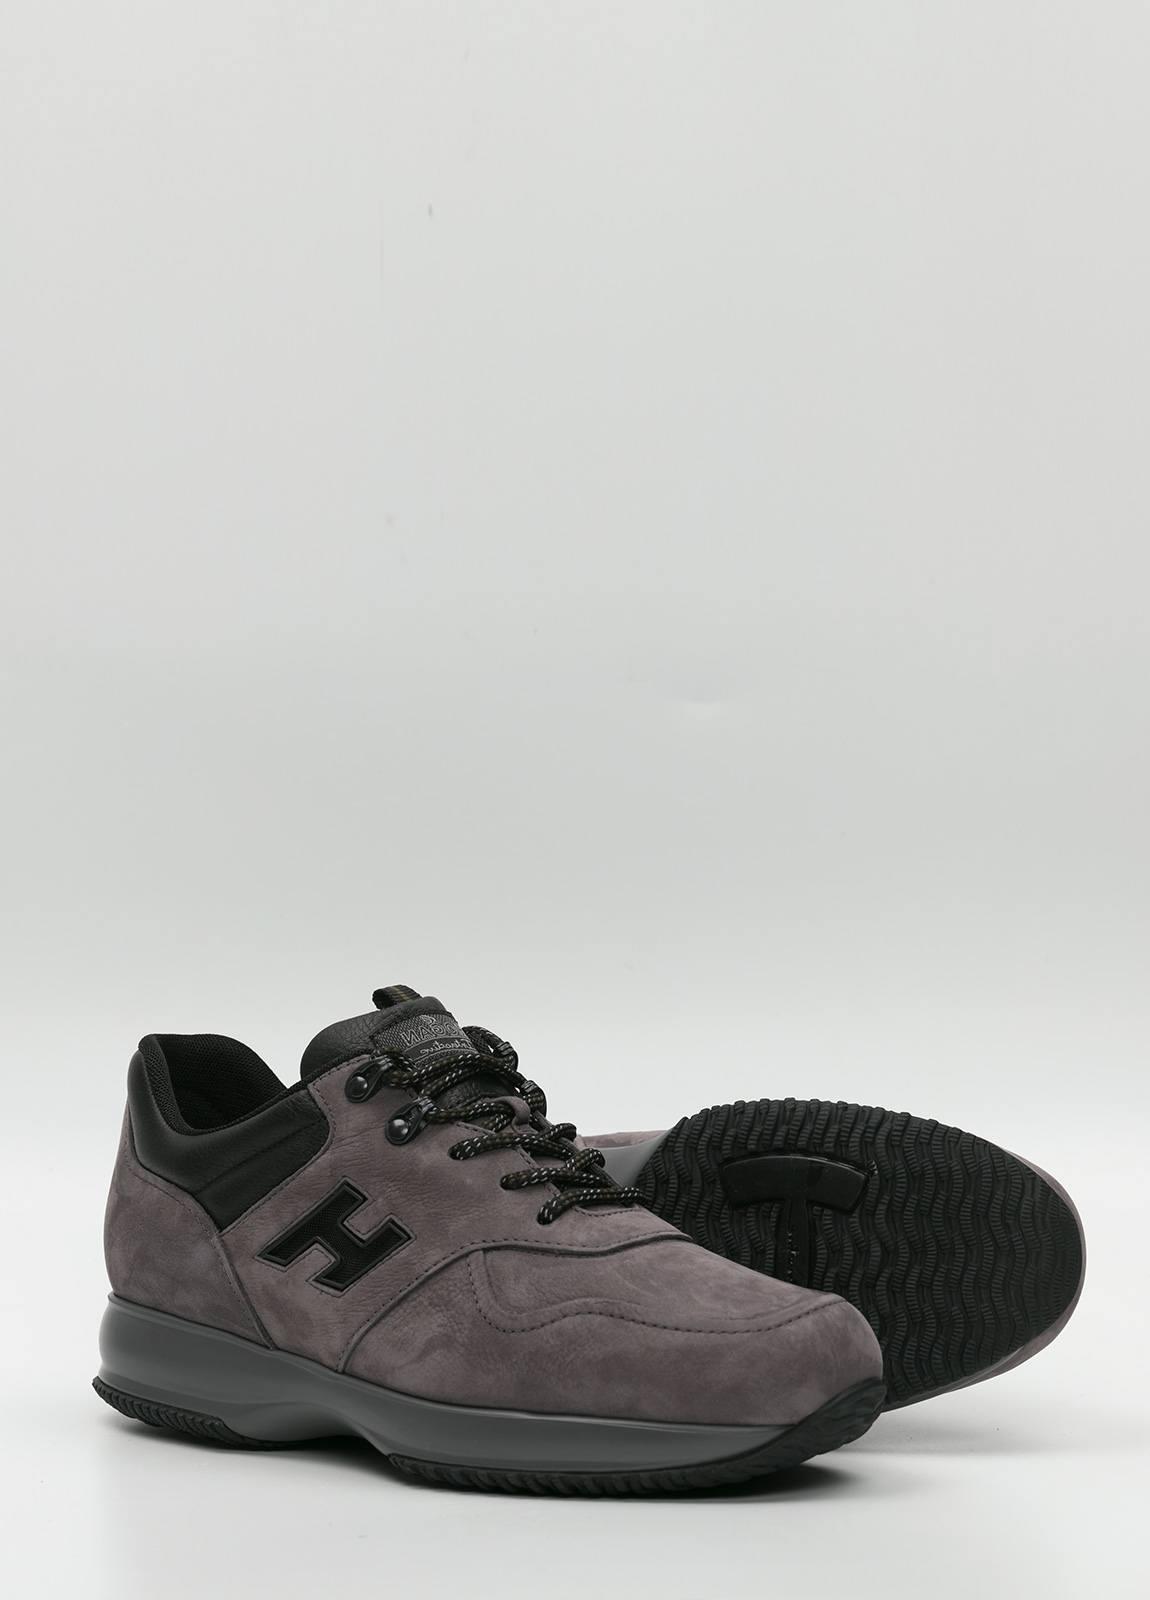 Calzado sport color gris. Combinación de piel y ante. - Ítem1